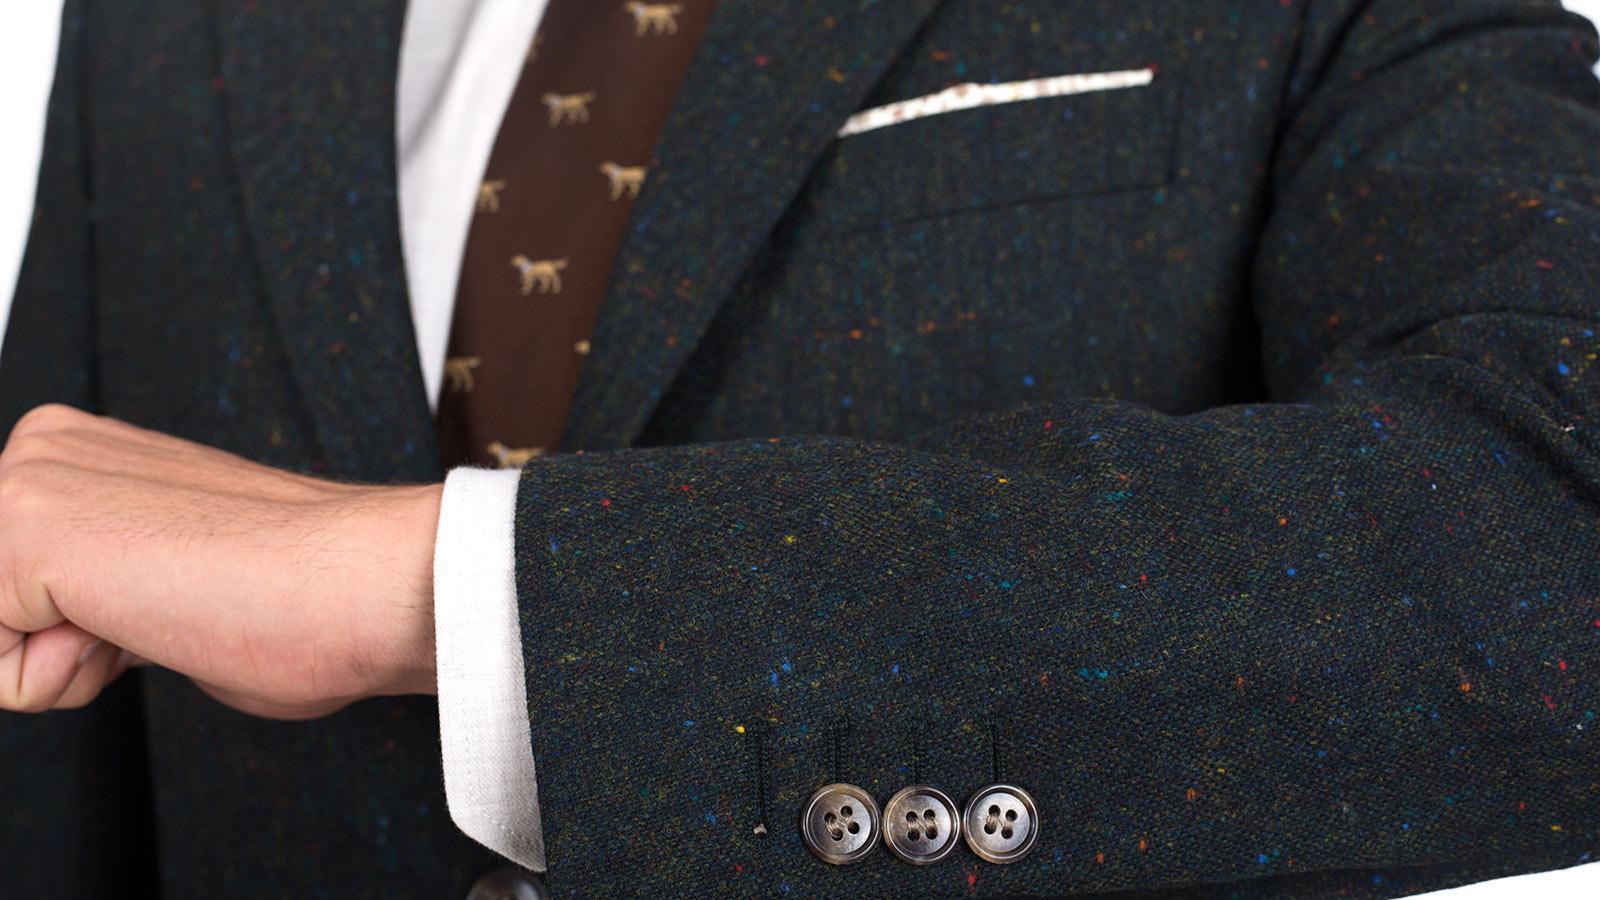 Olive Green Donegal Tweed Suit - slider image 1